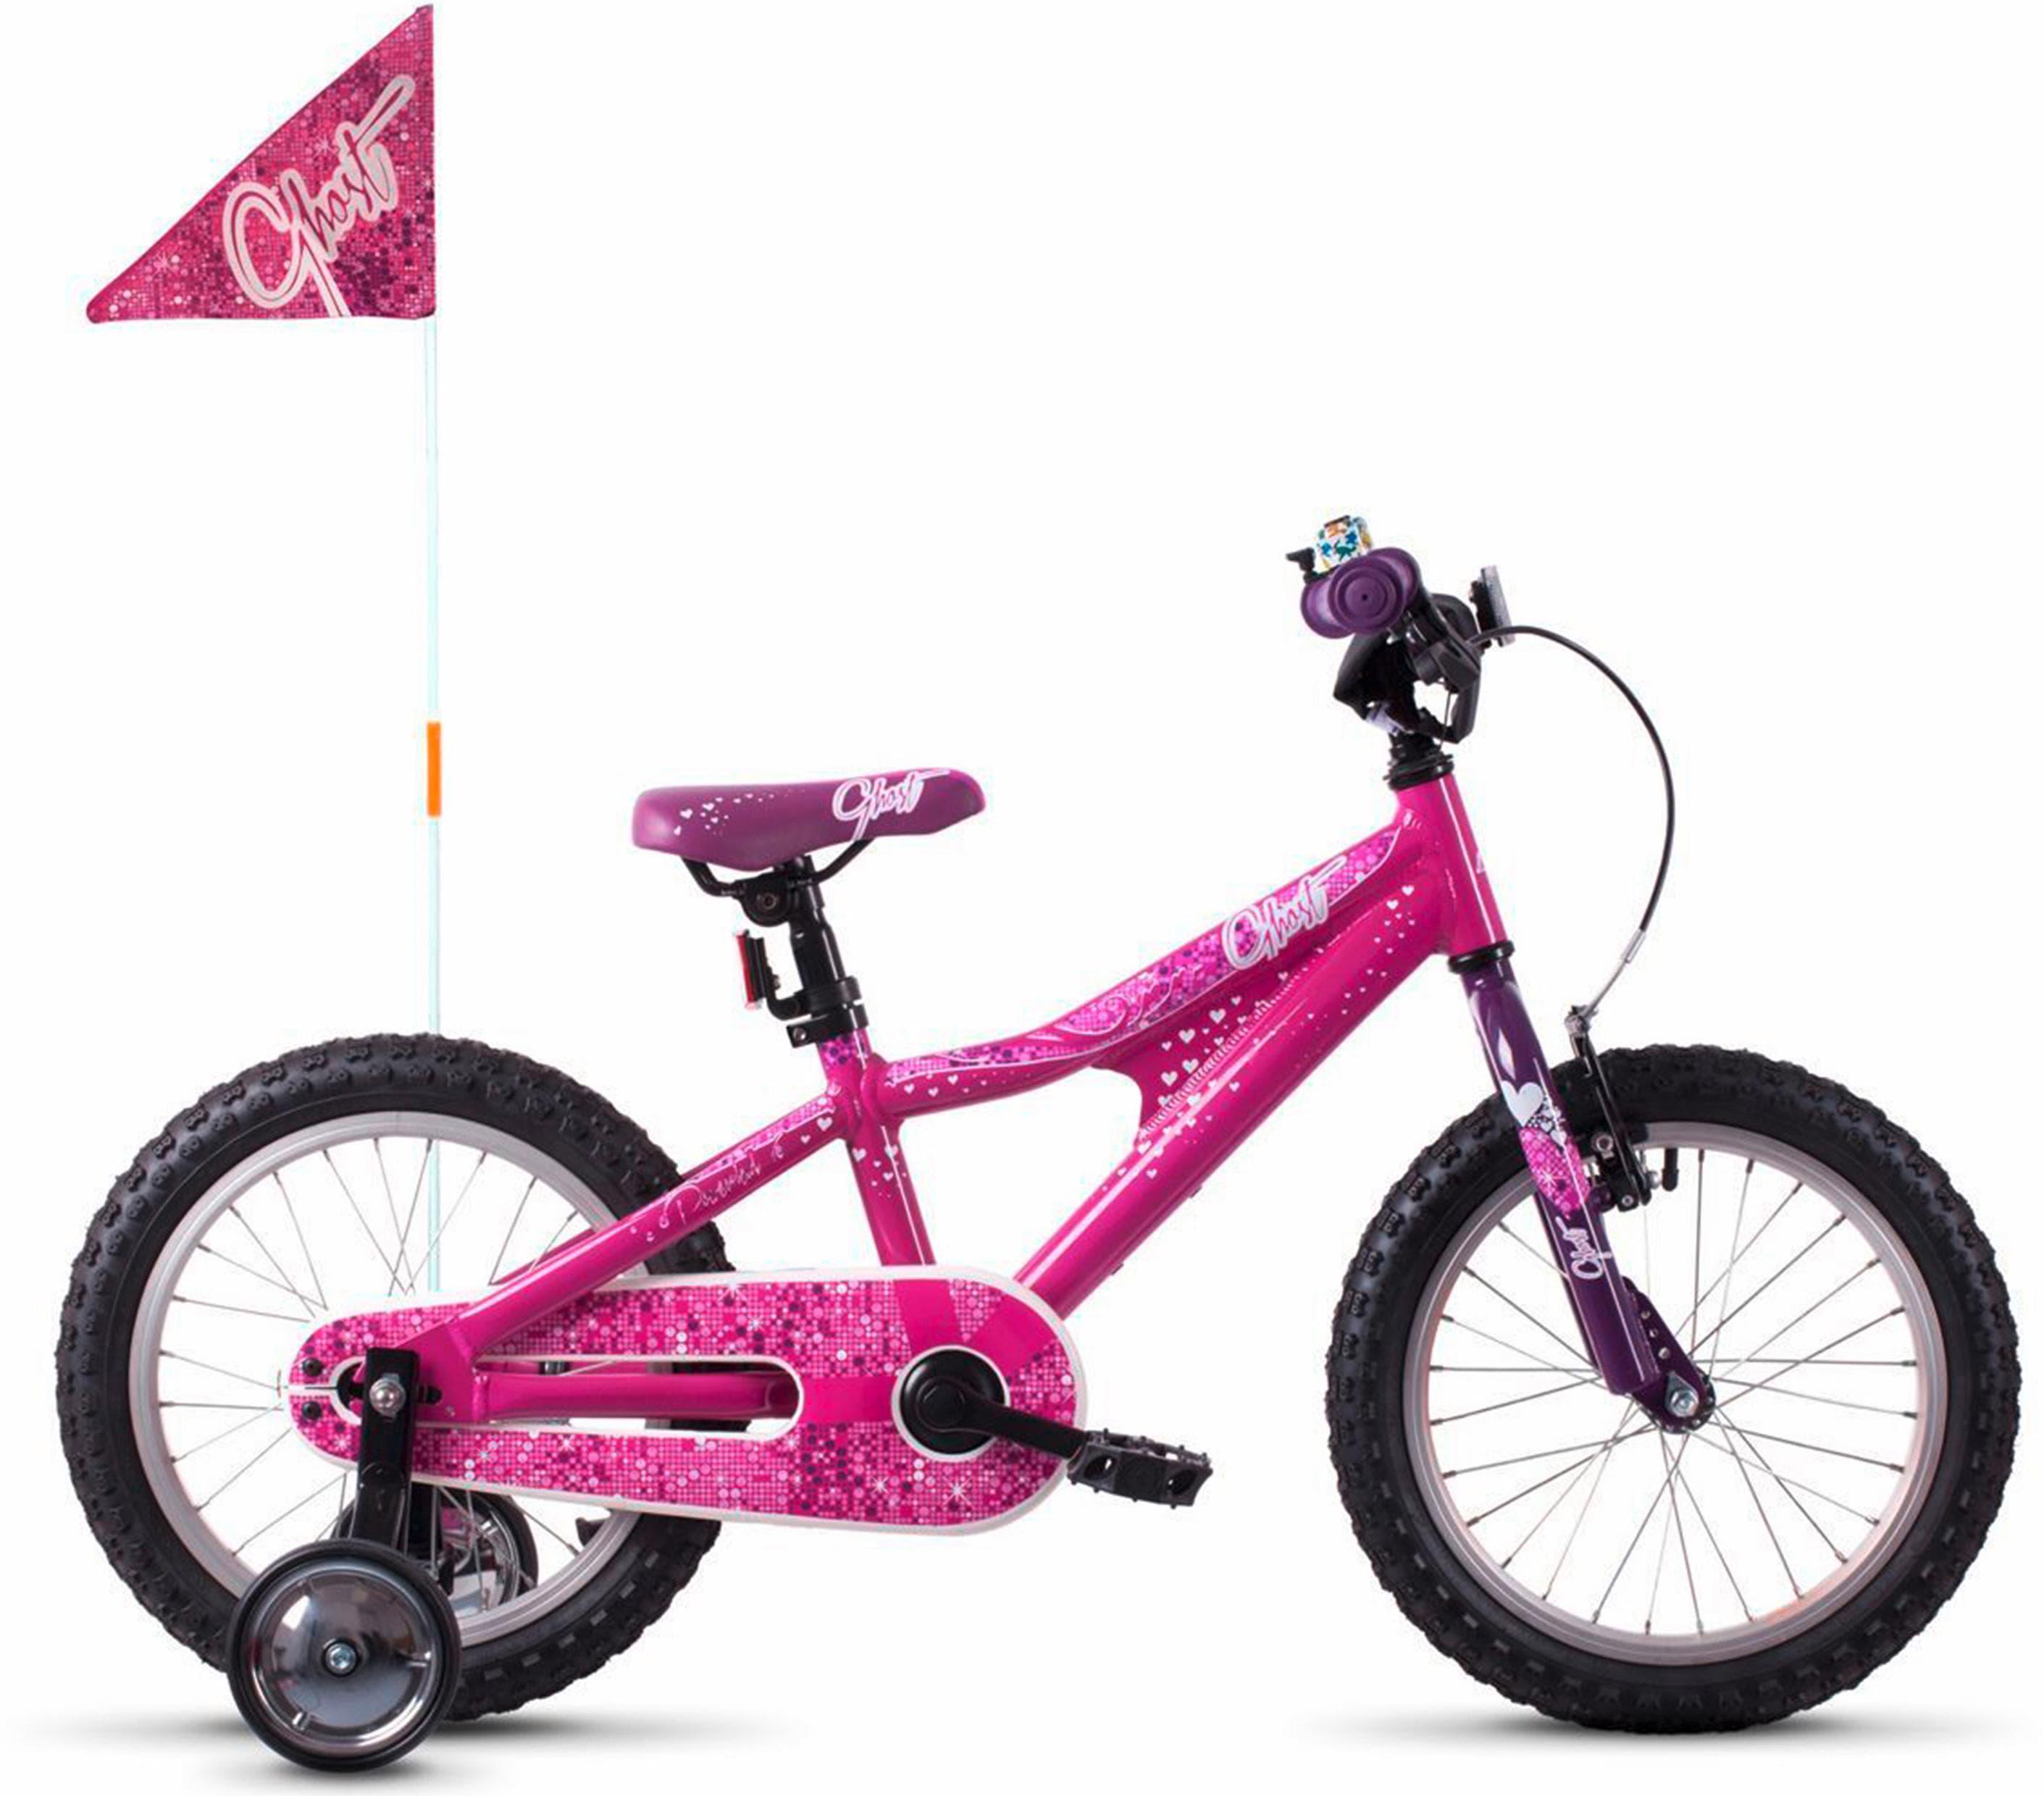 Ghost Kinderfahrrad POWERKID AL 16 K rosa Kinder Kinderfahrräder Fahrräder Zubehör Fahrrad